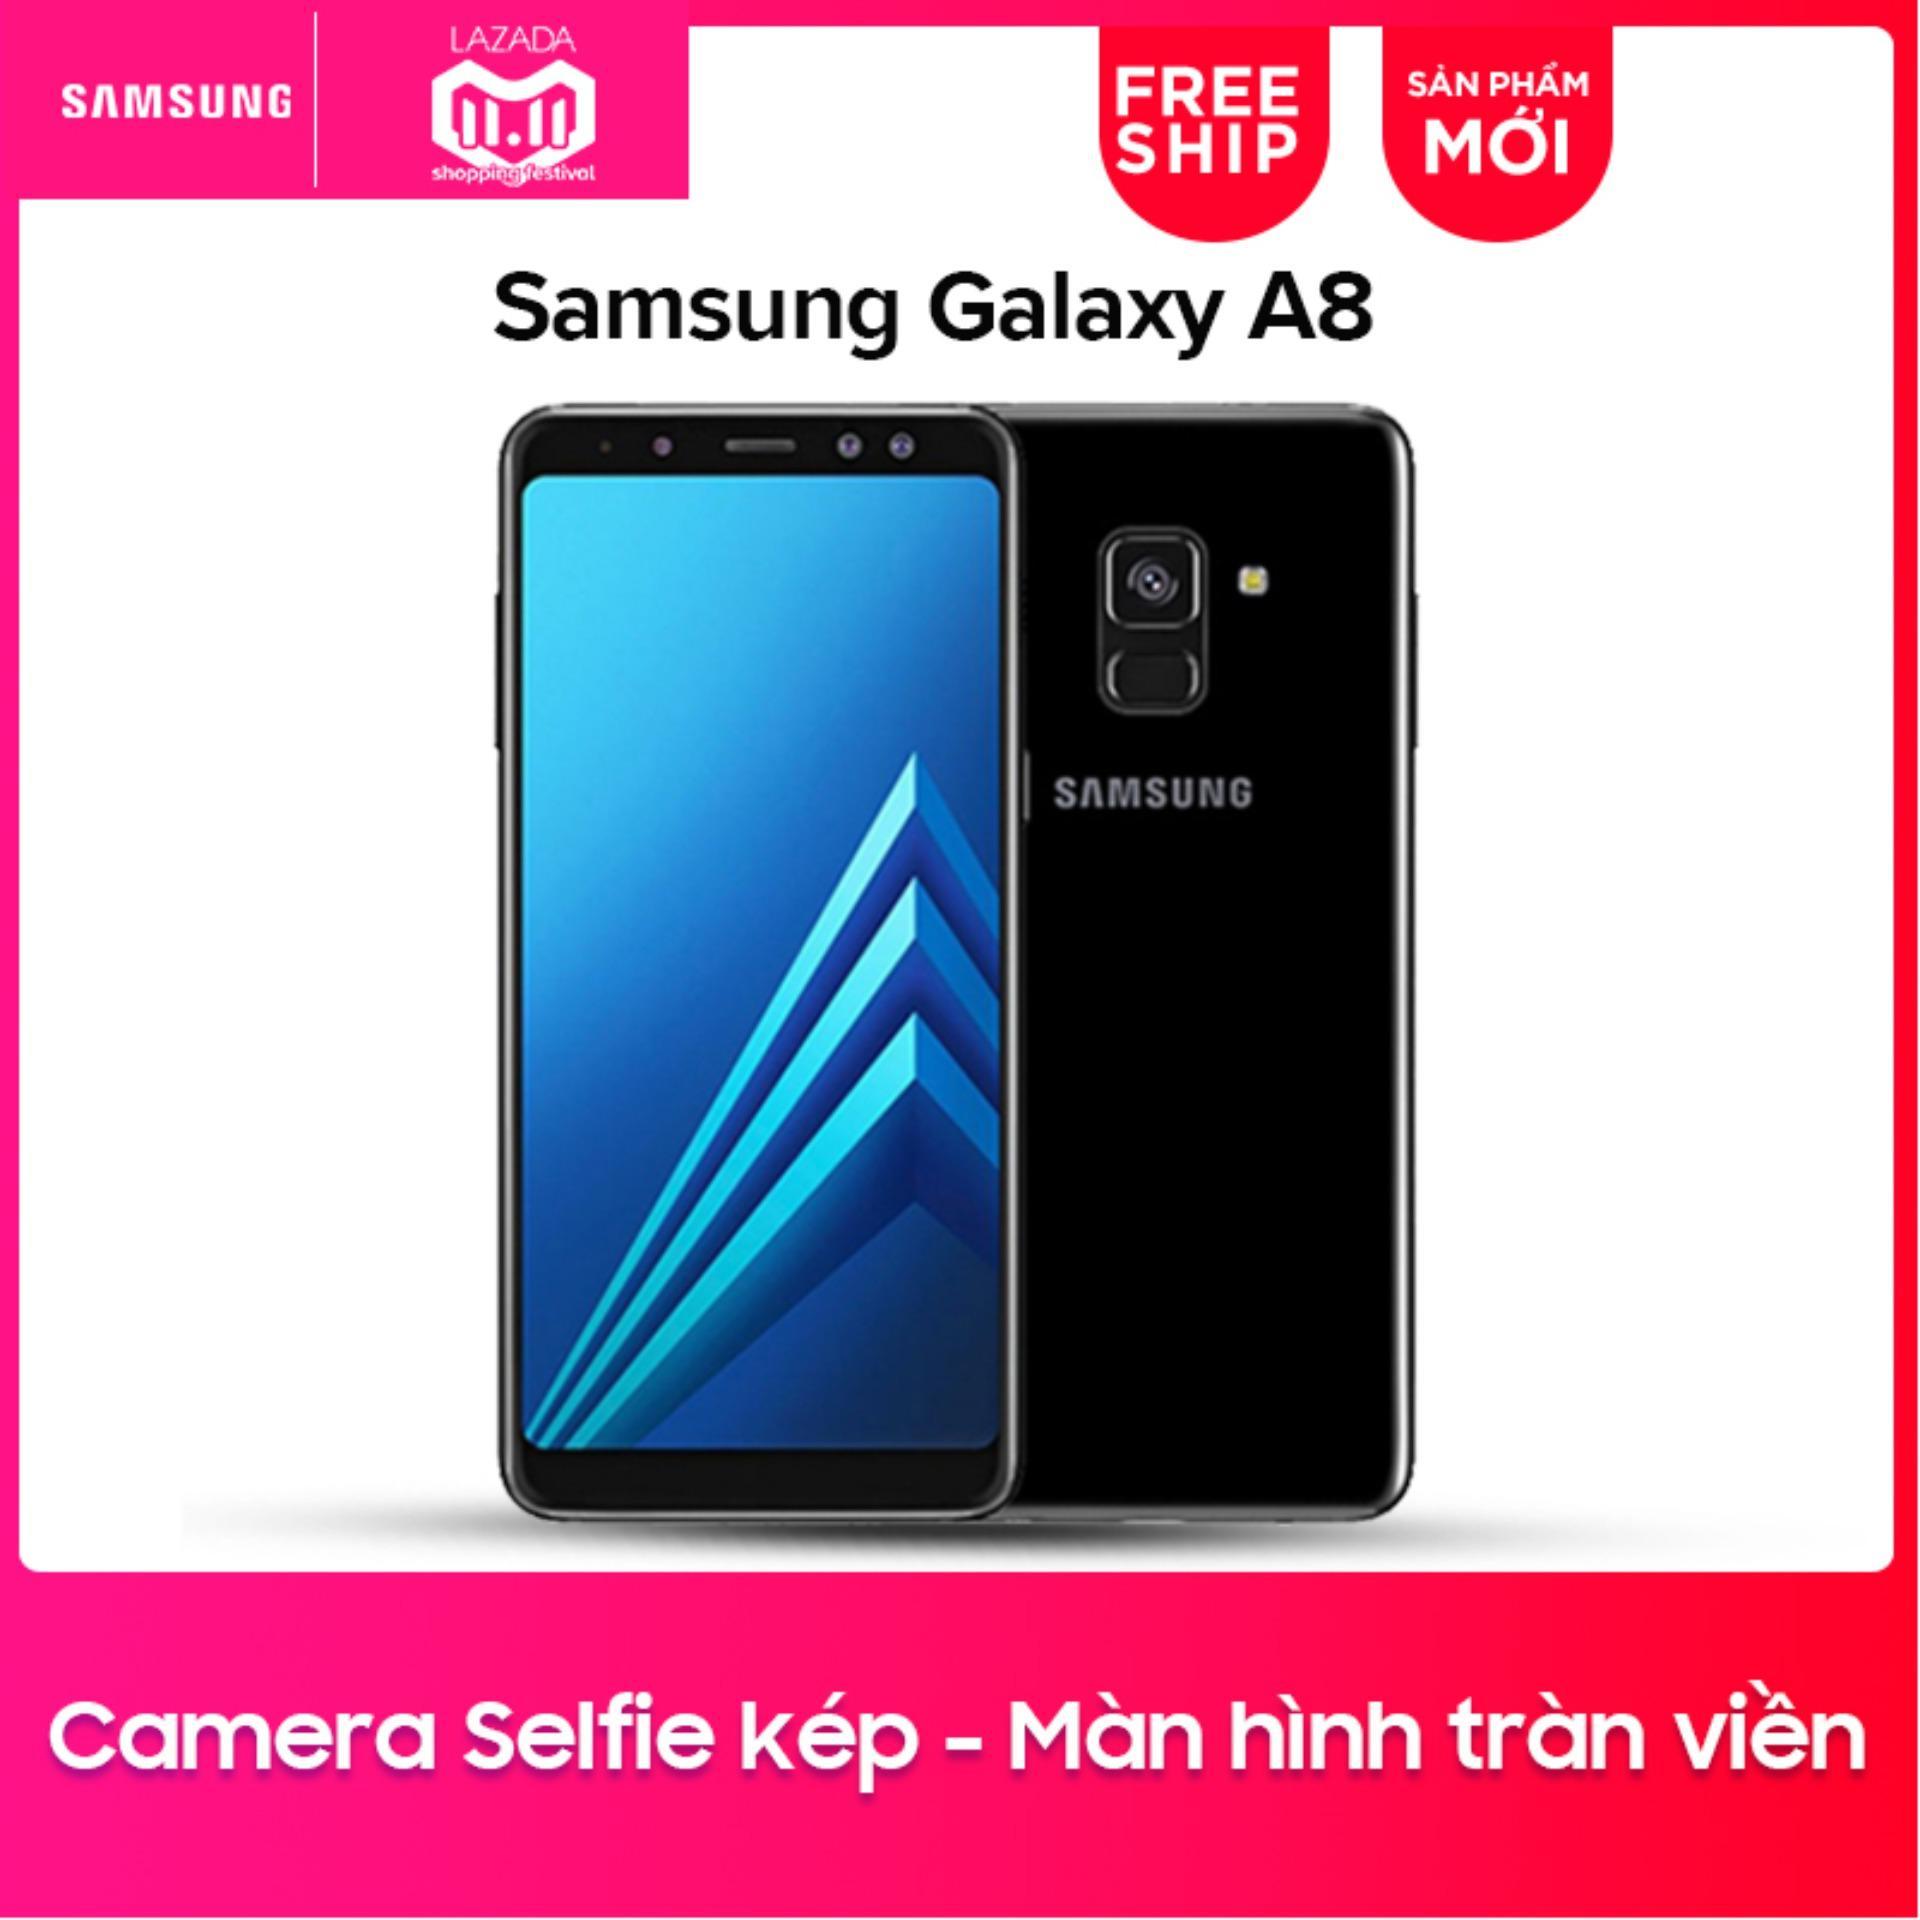 Samsung Galaxy A8 32GB RAM 4GB 5.6inch- Hãng phân phối chính thức